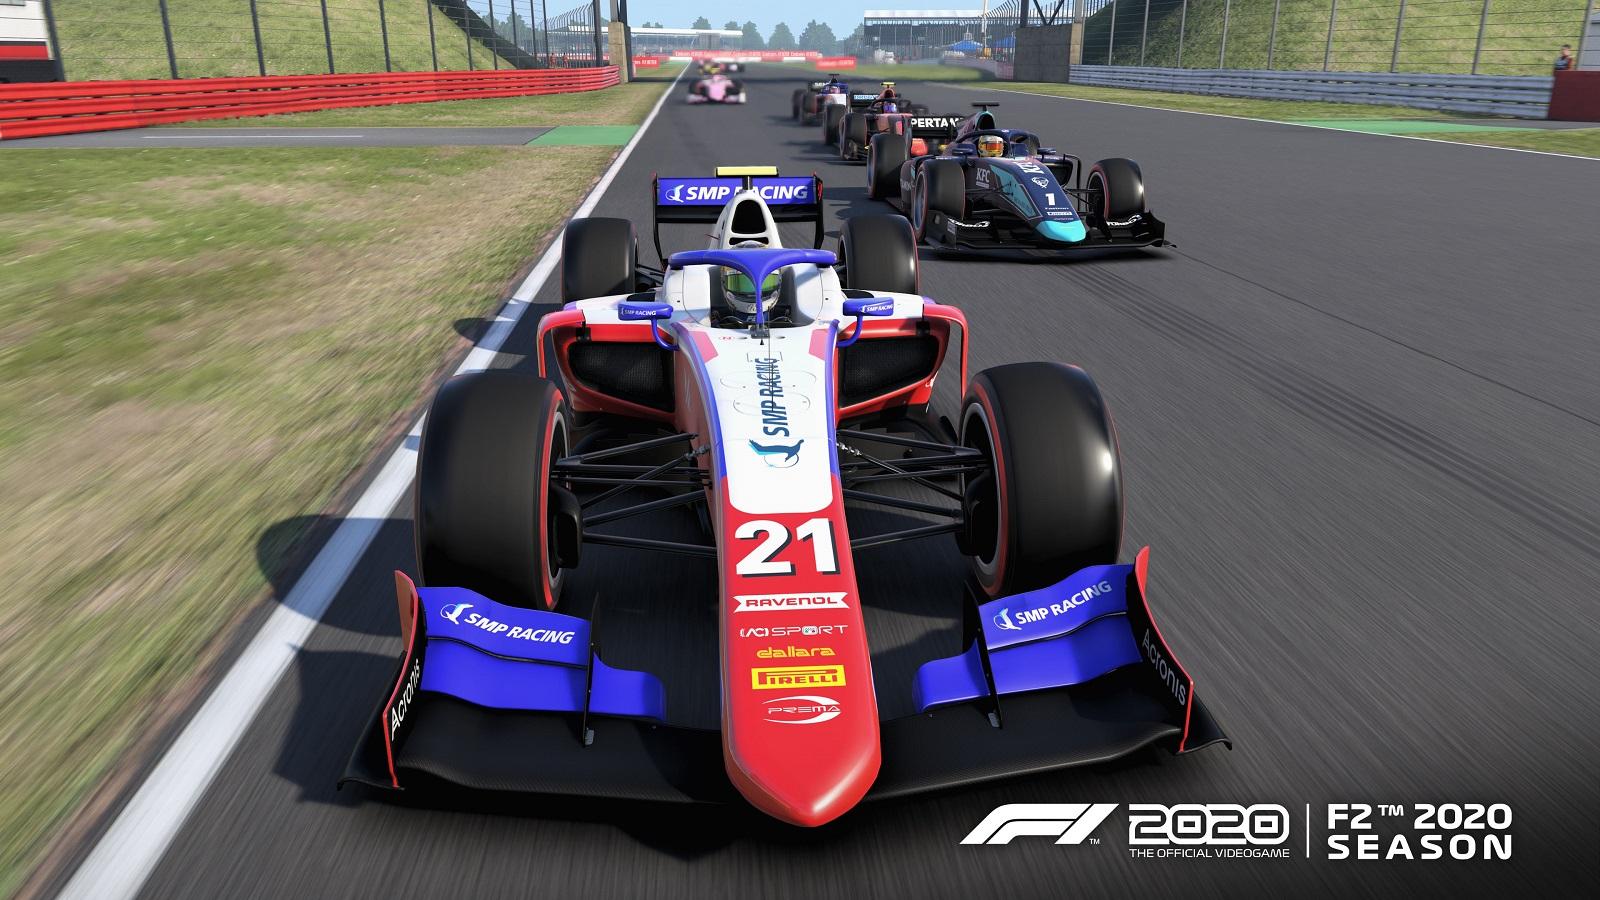 Со свежим обновлением F1 2020 пополнилась контентом «Формулы-2» из сезона-2020